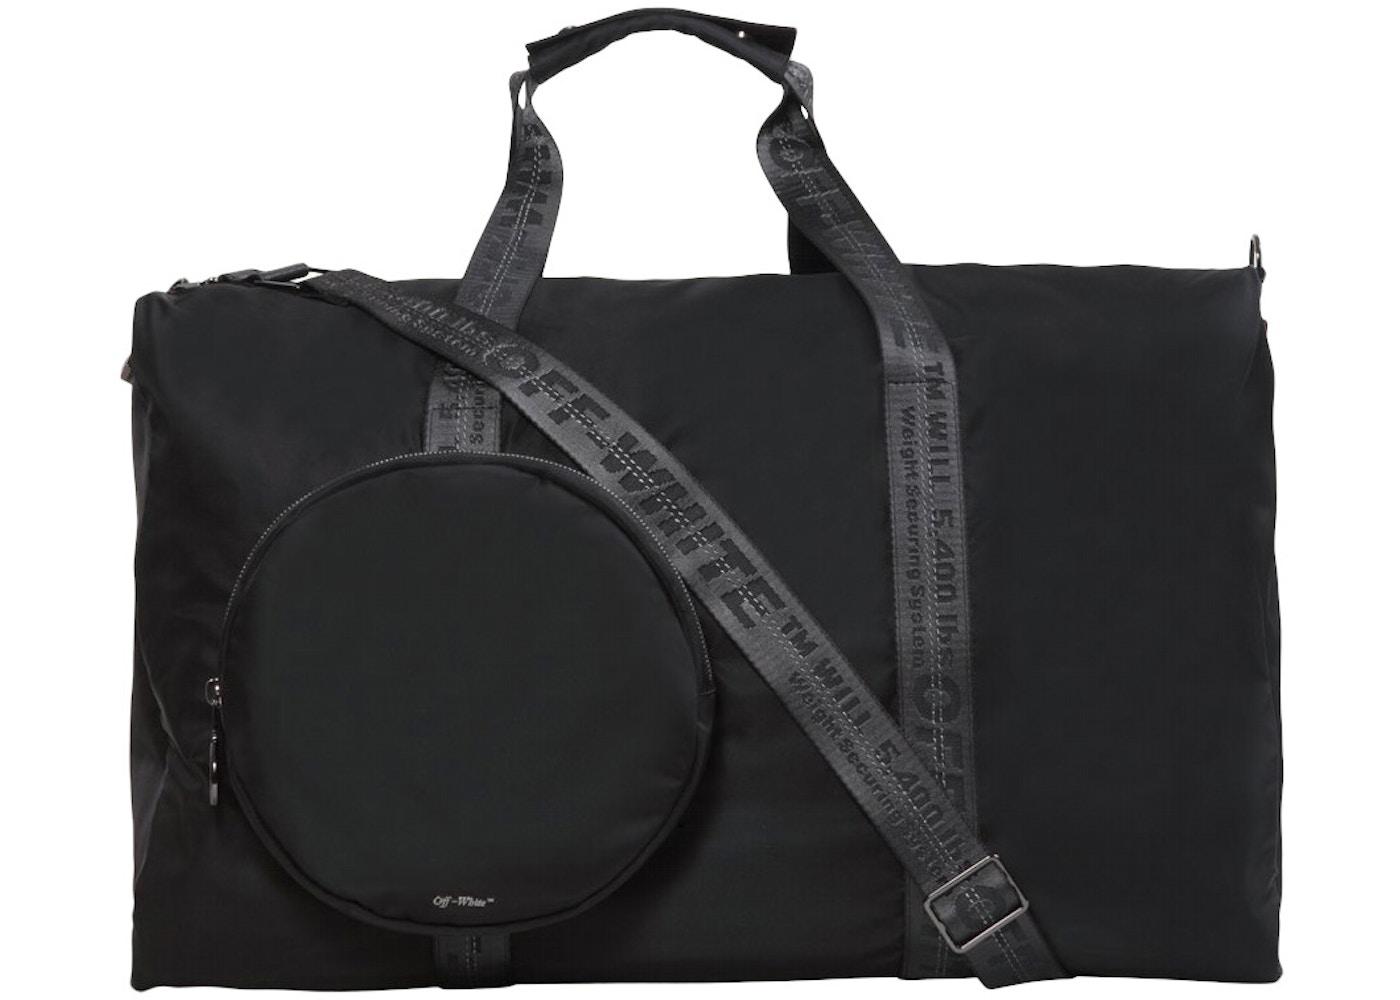 gran ajuste hermosa y encantadora 60% de descuento OFF-WHITE Duffle Bag Black